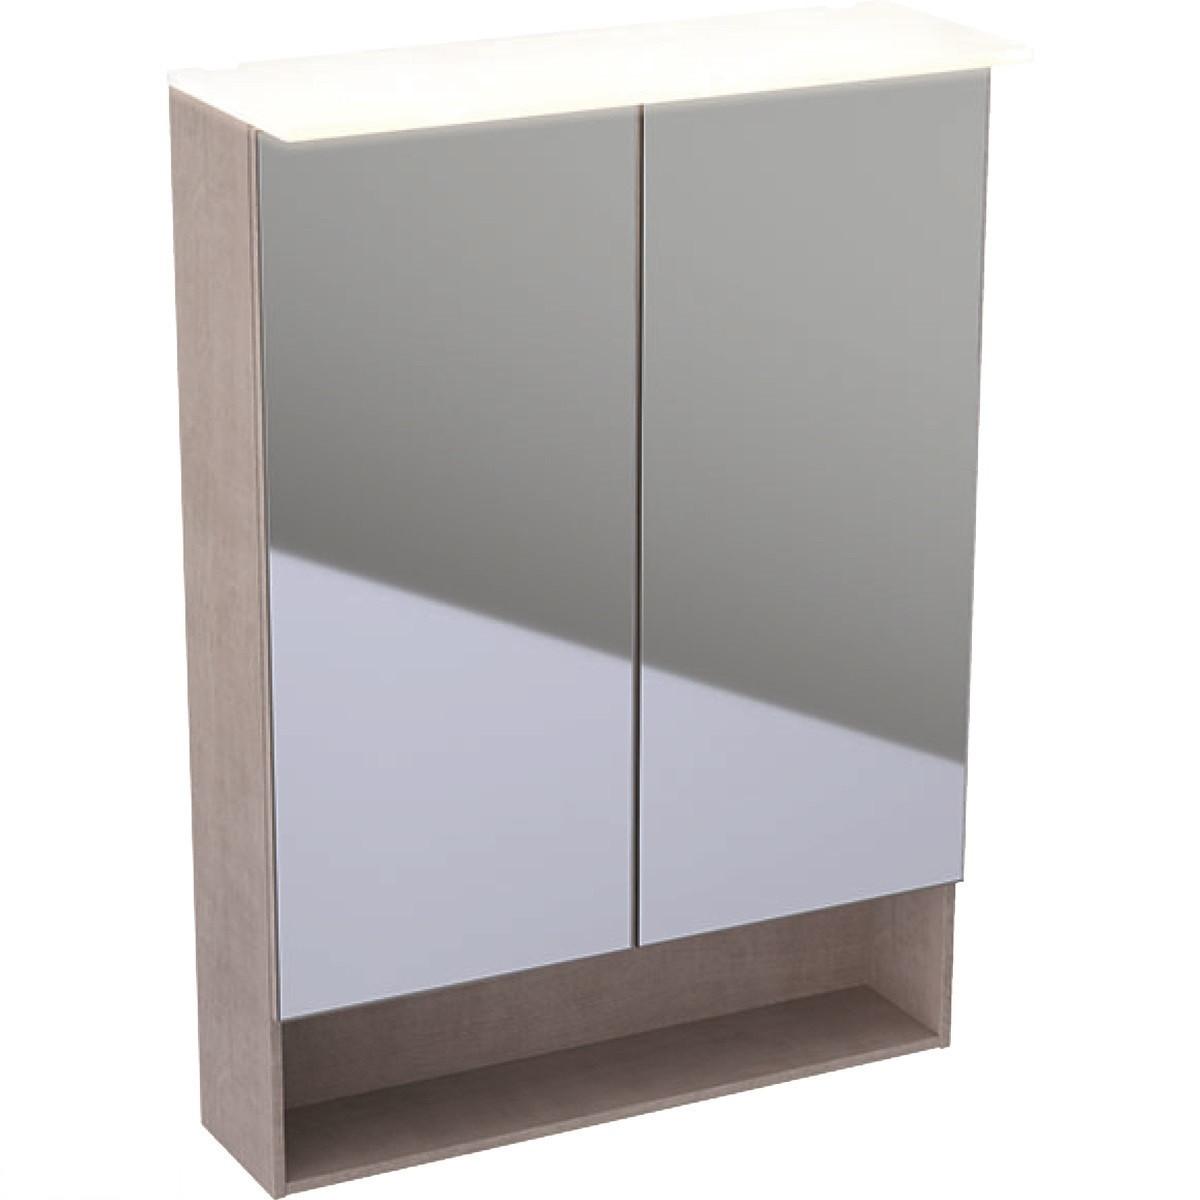 500.644.00.2 Geberit Acanto Дзеркальна шафка з підсвічуванням 60 см, з двома дверцятами: дуб Mystic